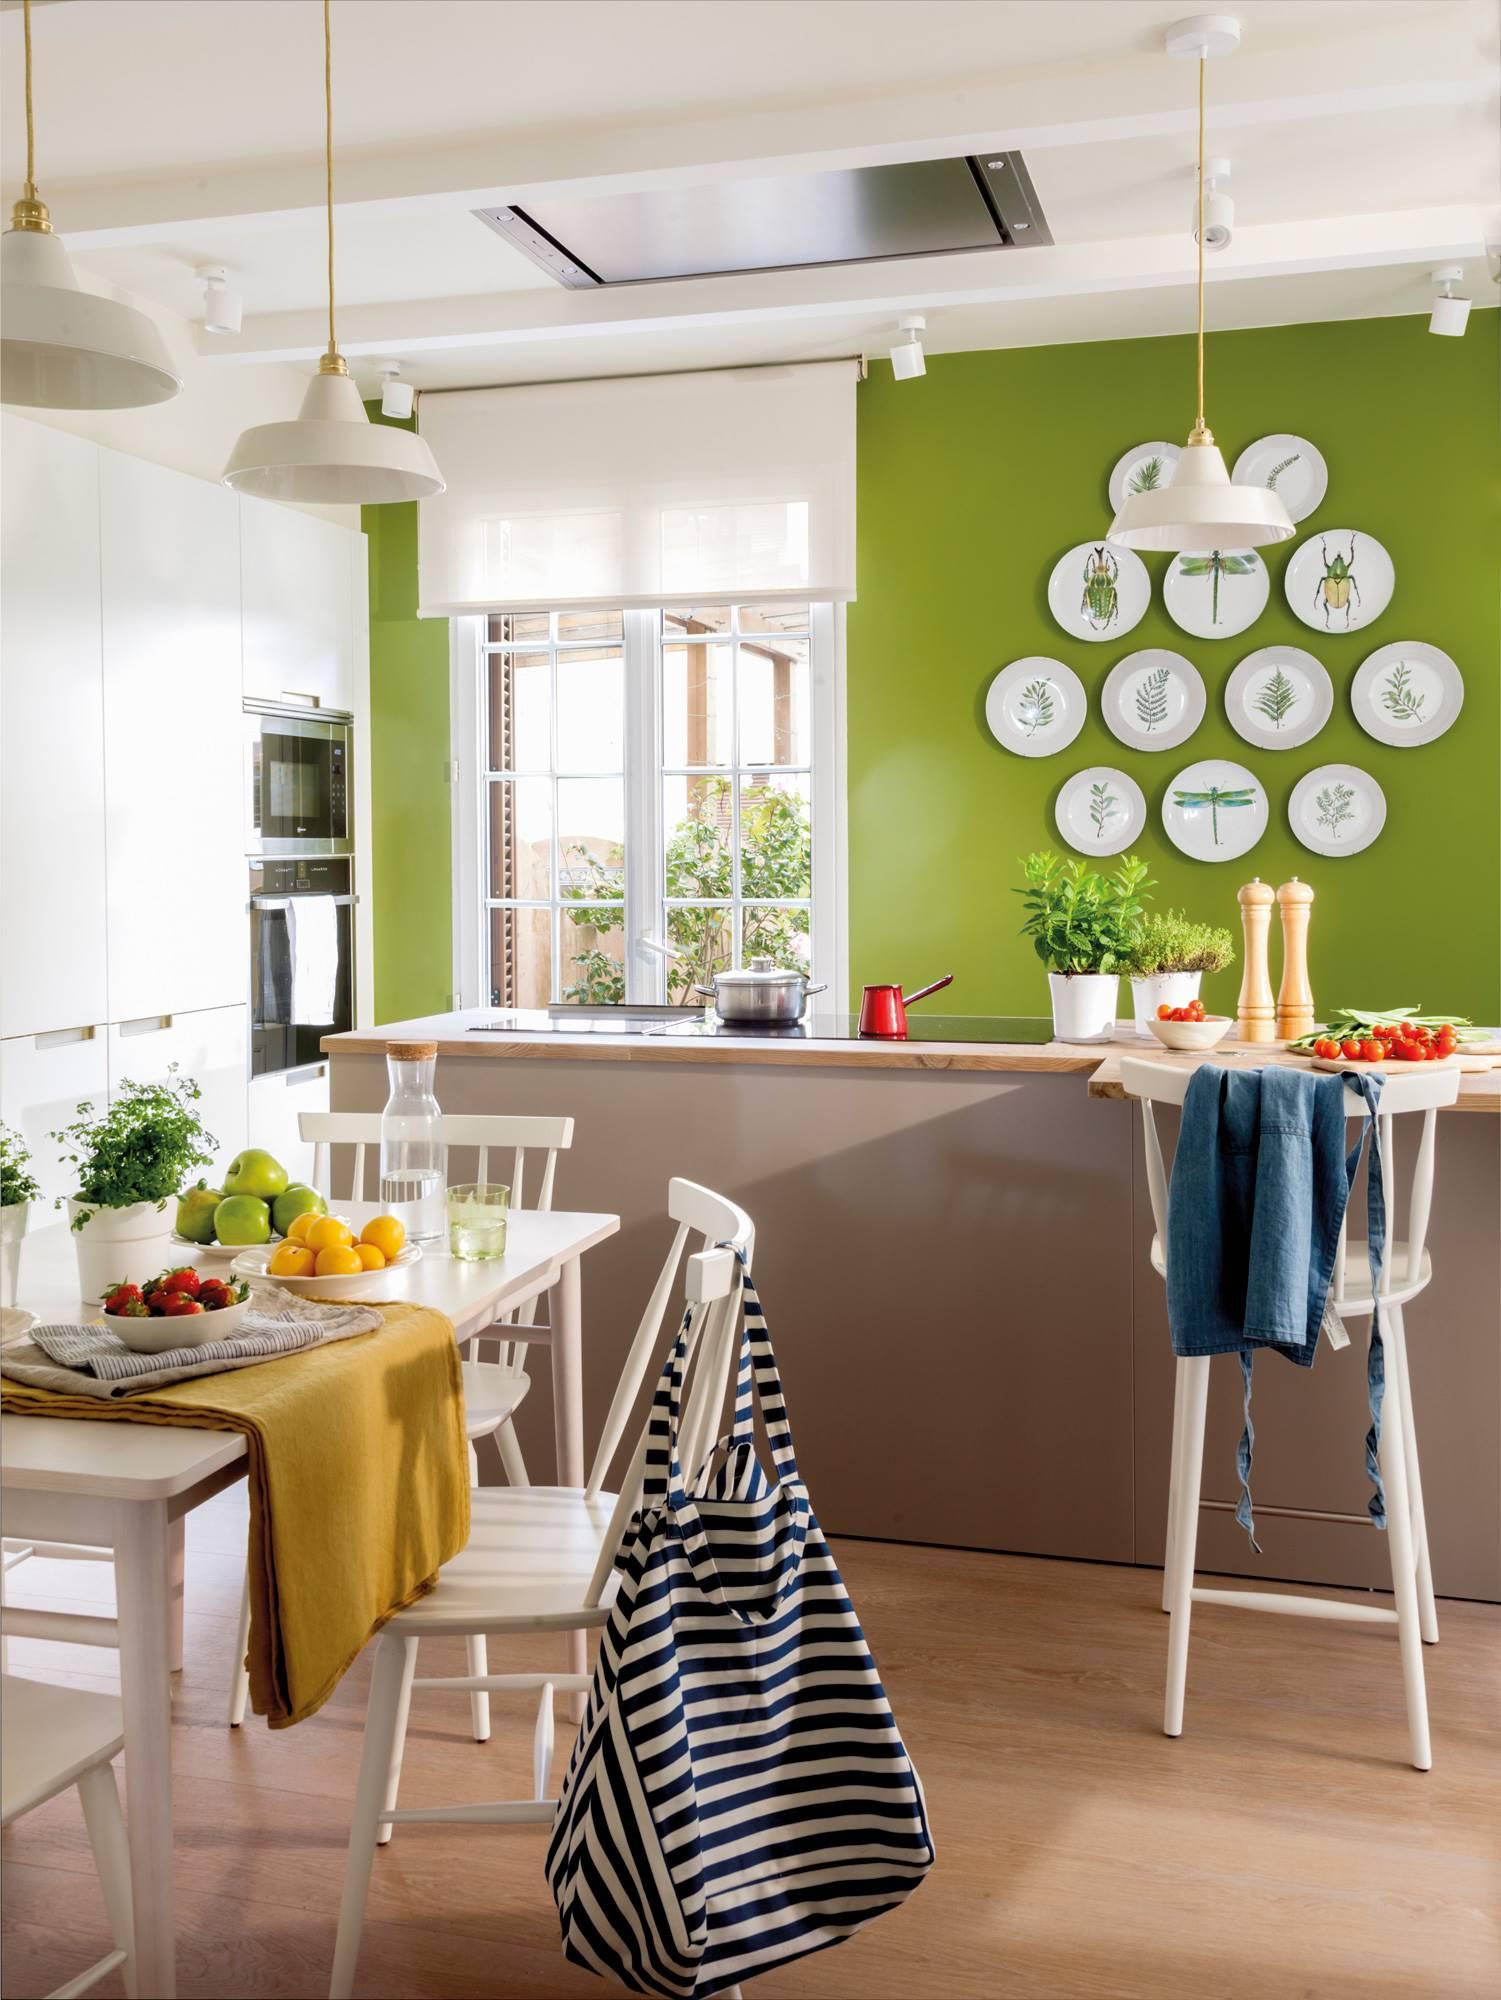 1365 Fotos de Muebles de cocina